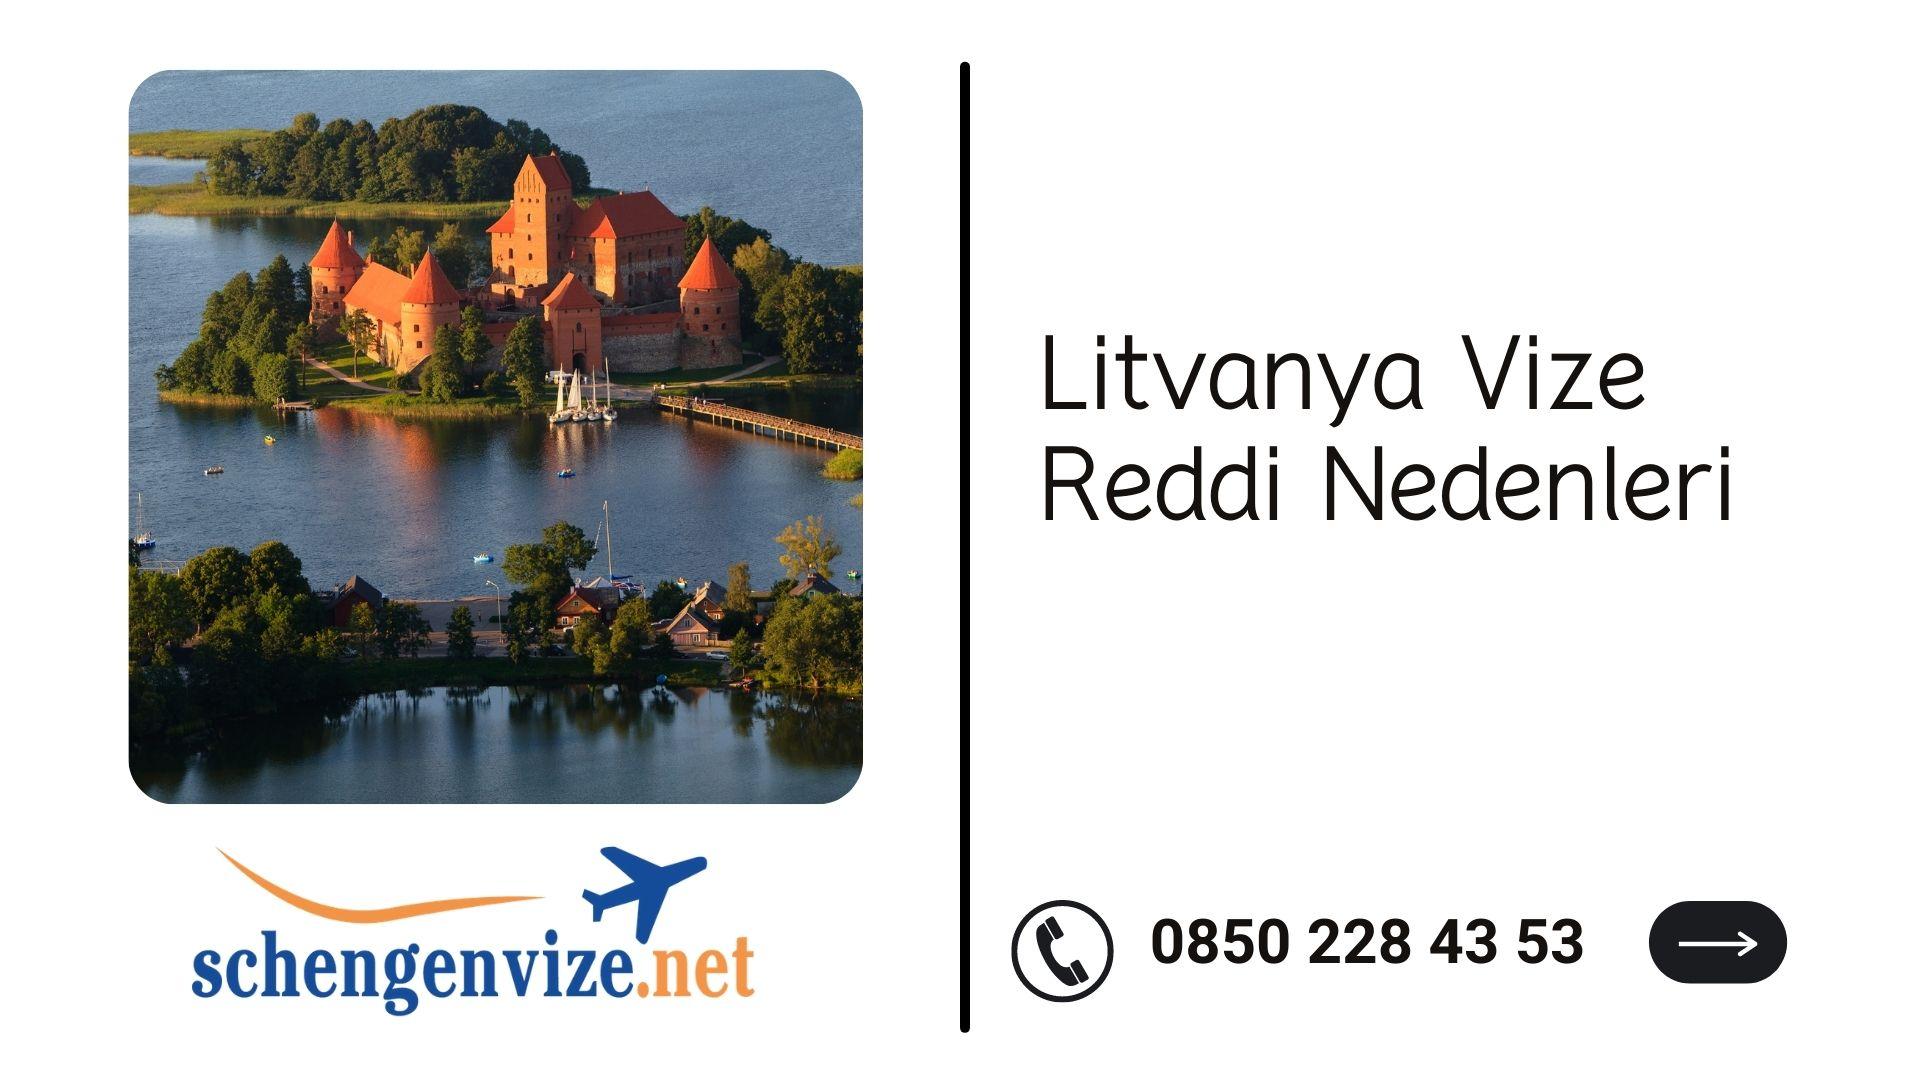 Litvanya Vize Reddi Nedenleri